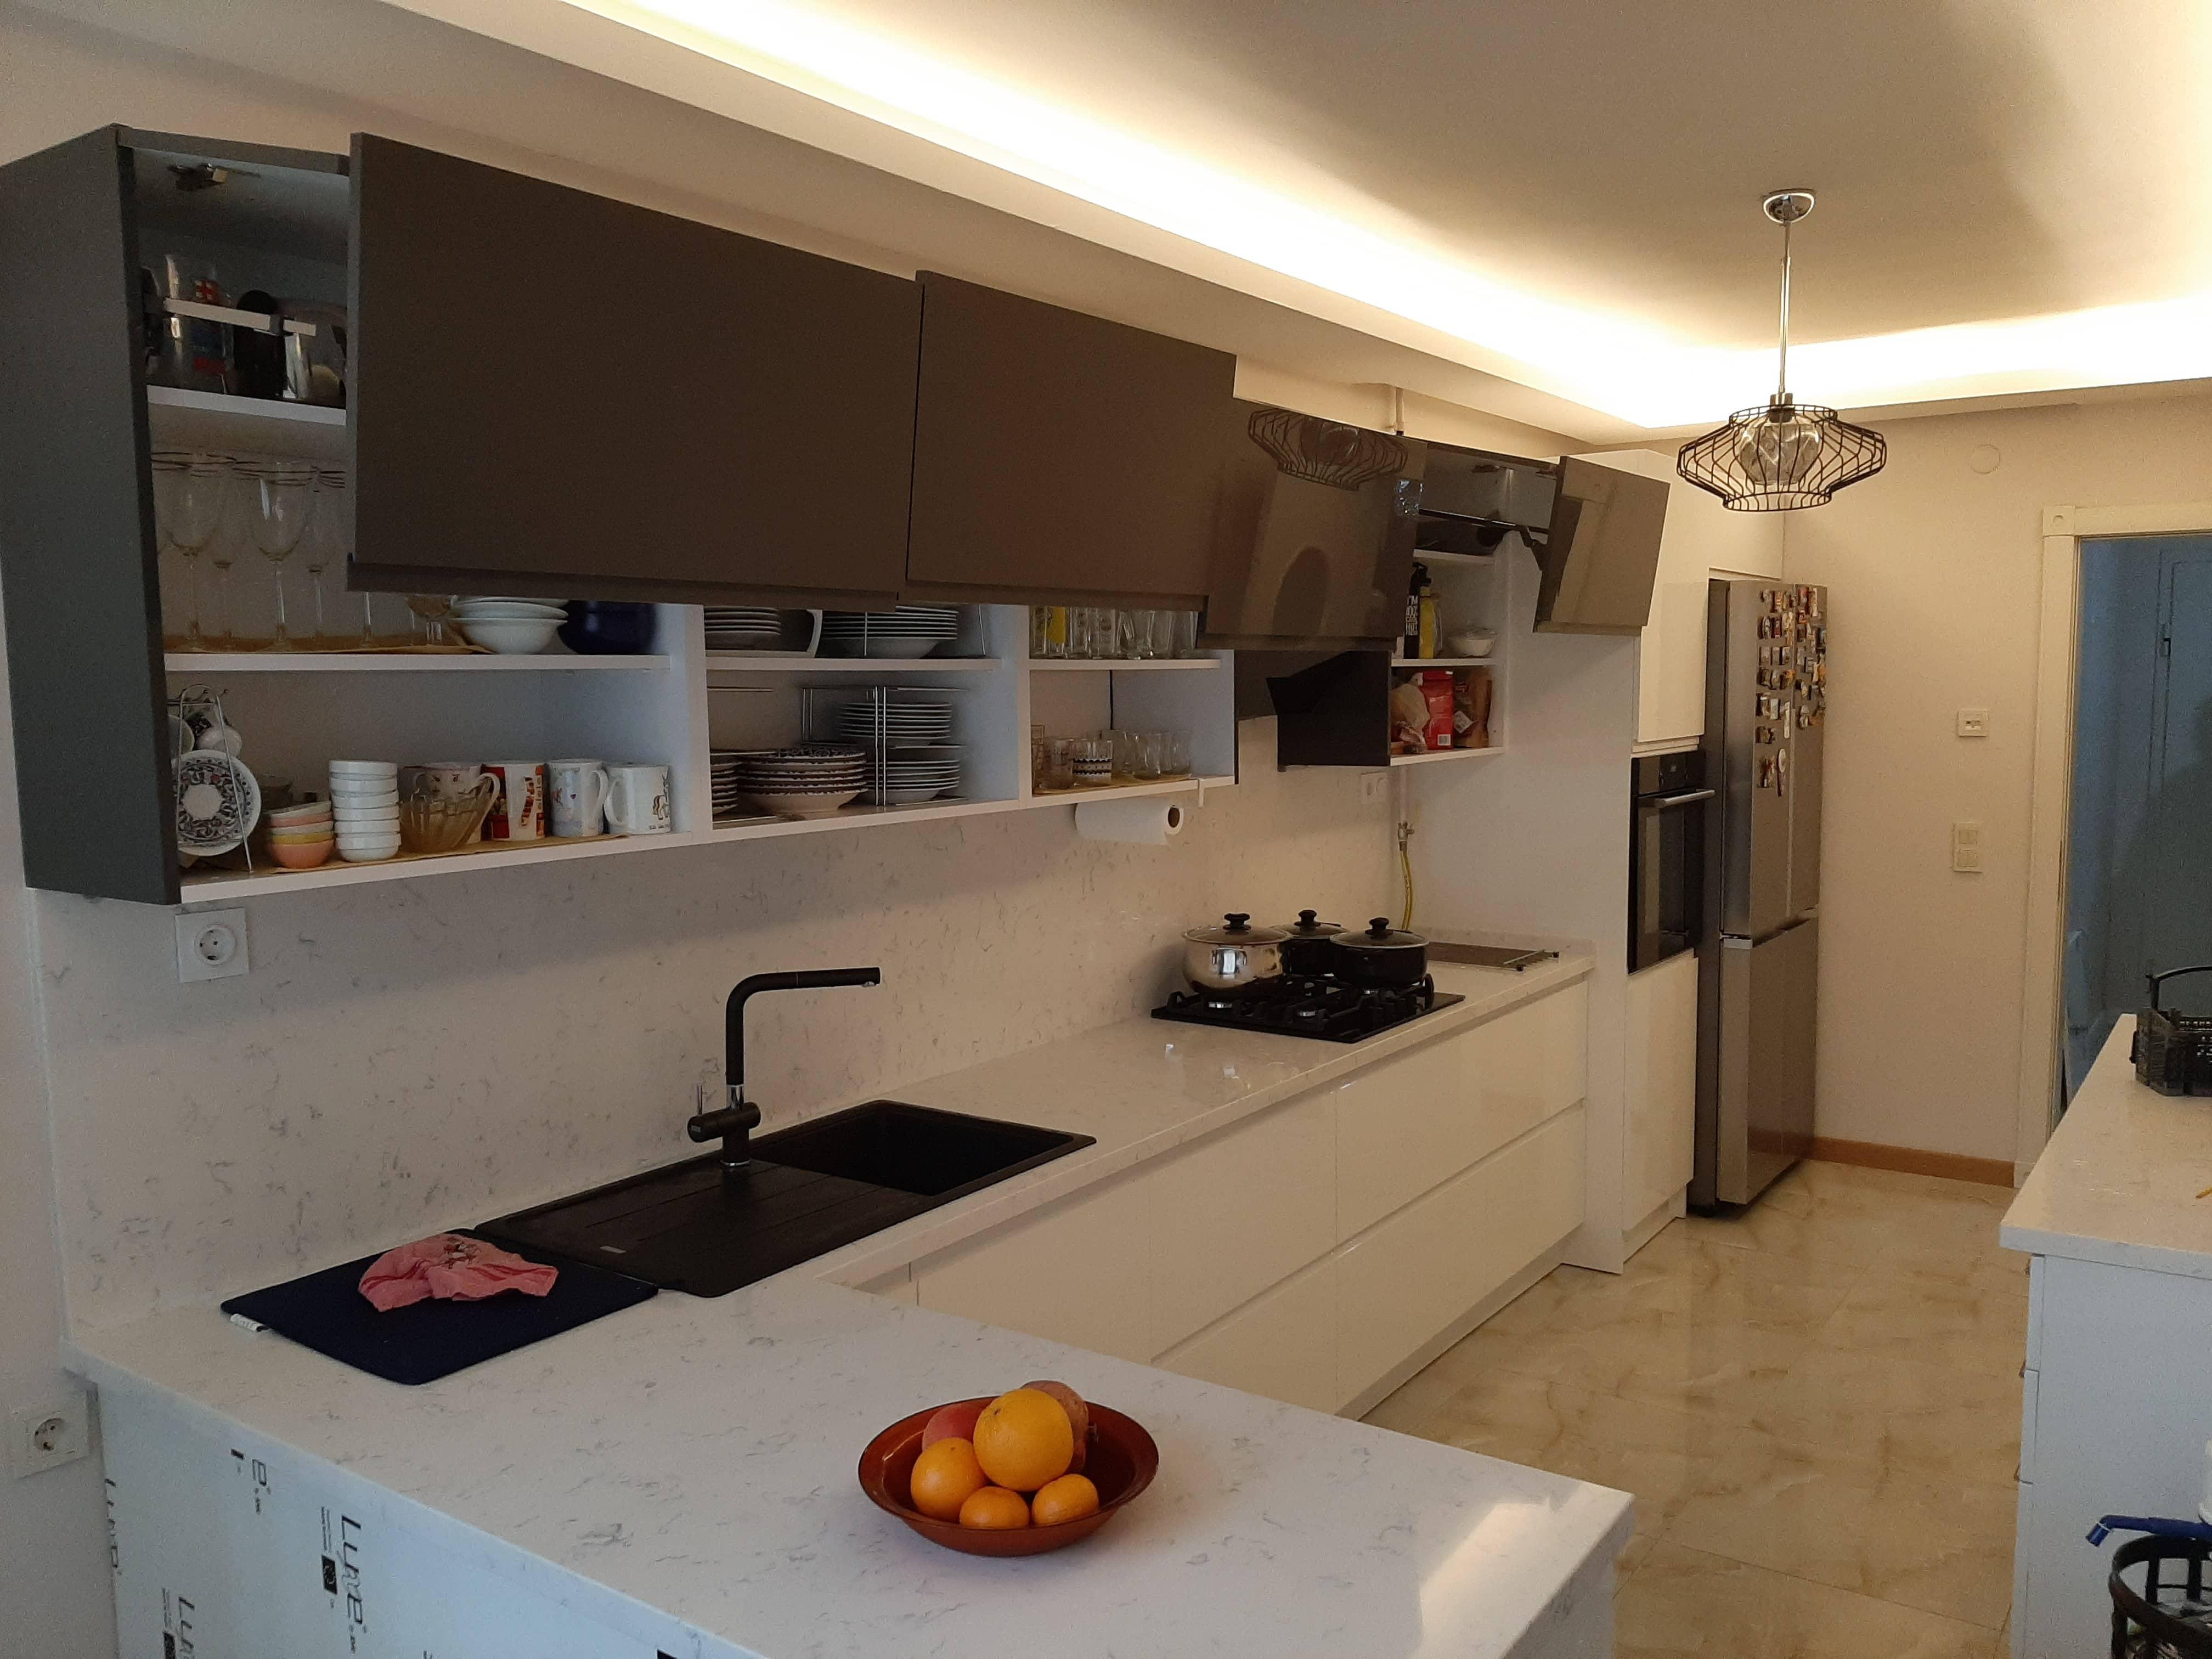 Mutfak Dekorasyonunda Dolaplar